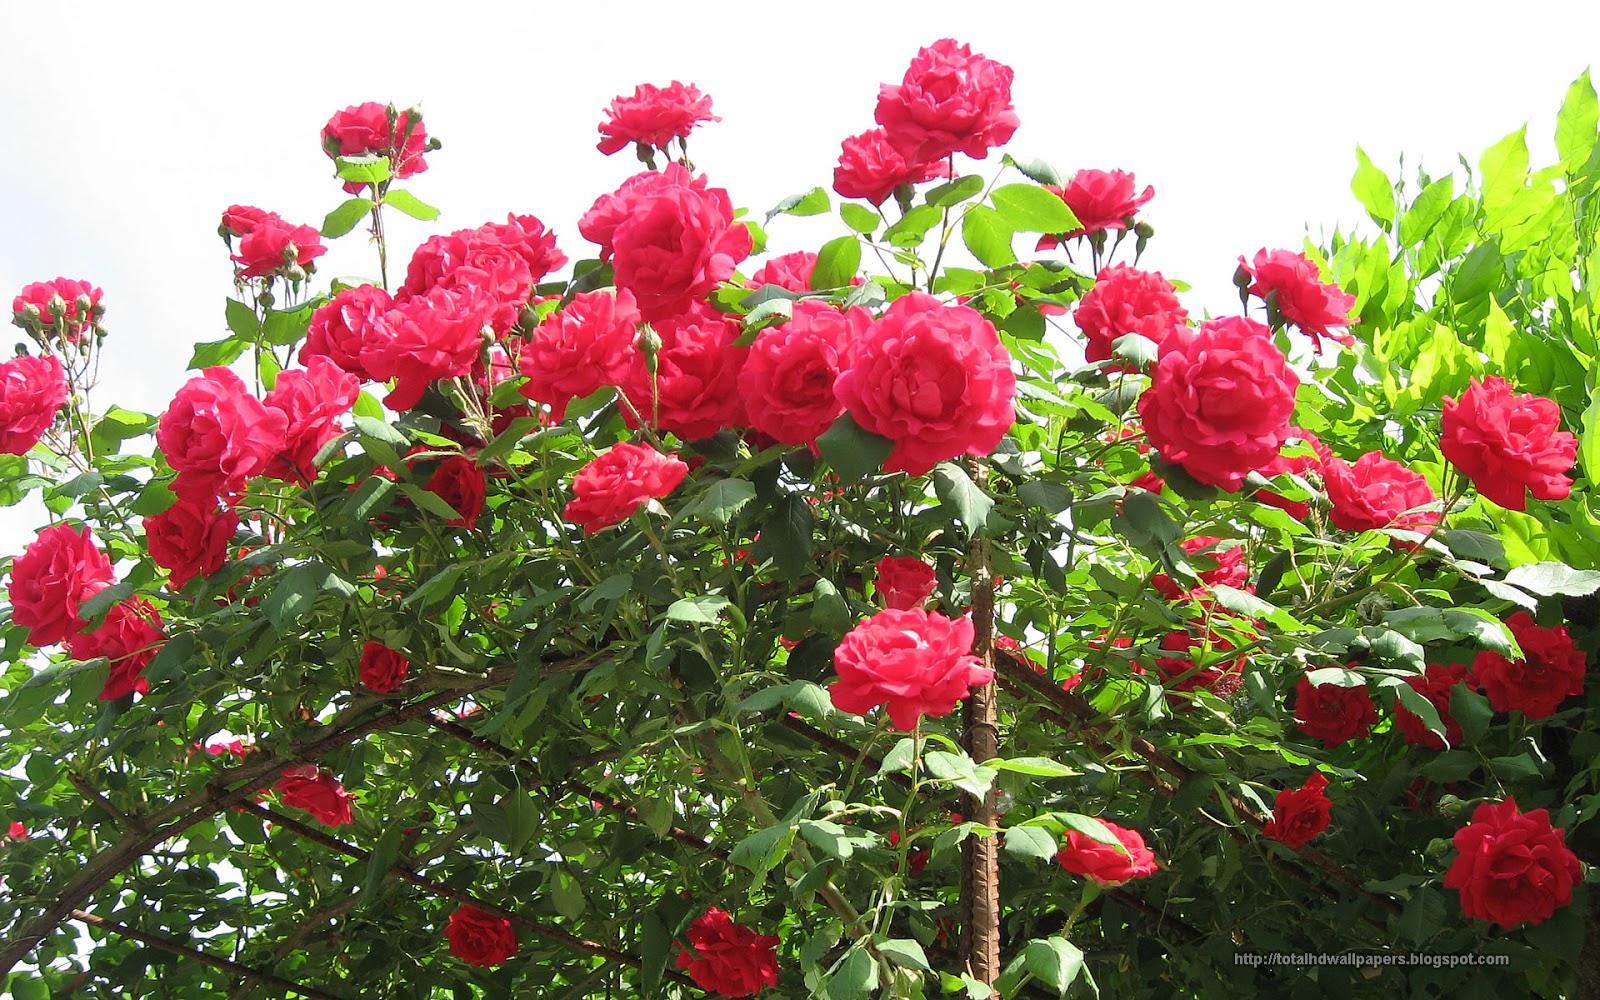 Rose wallpapers hd - Rose desktop wallpaper hd ...